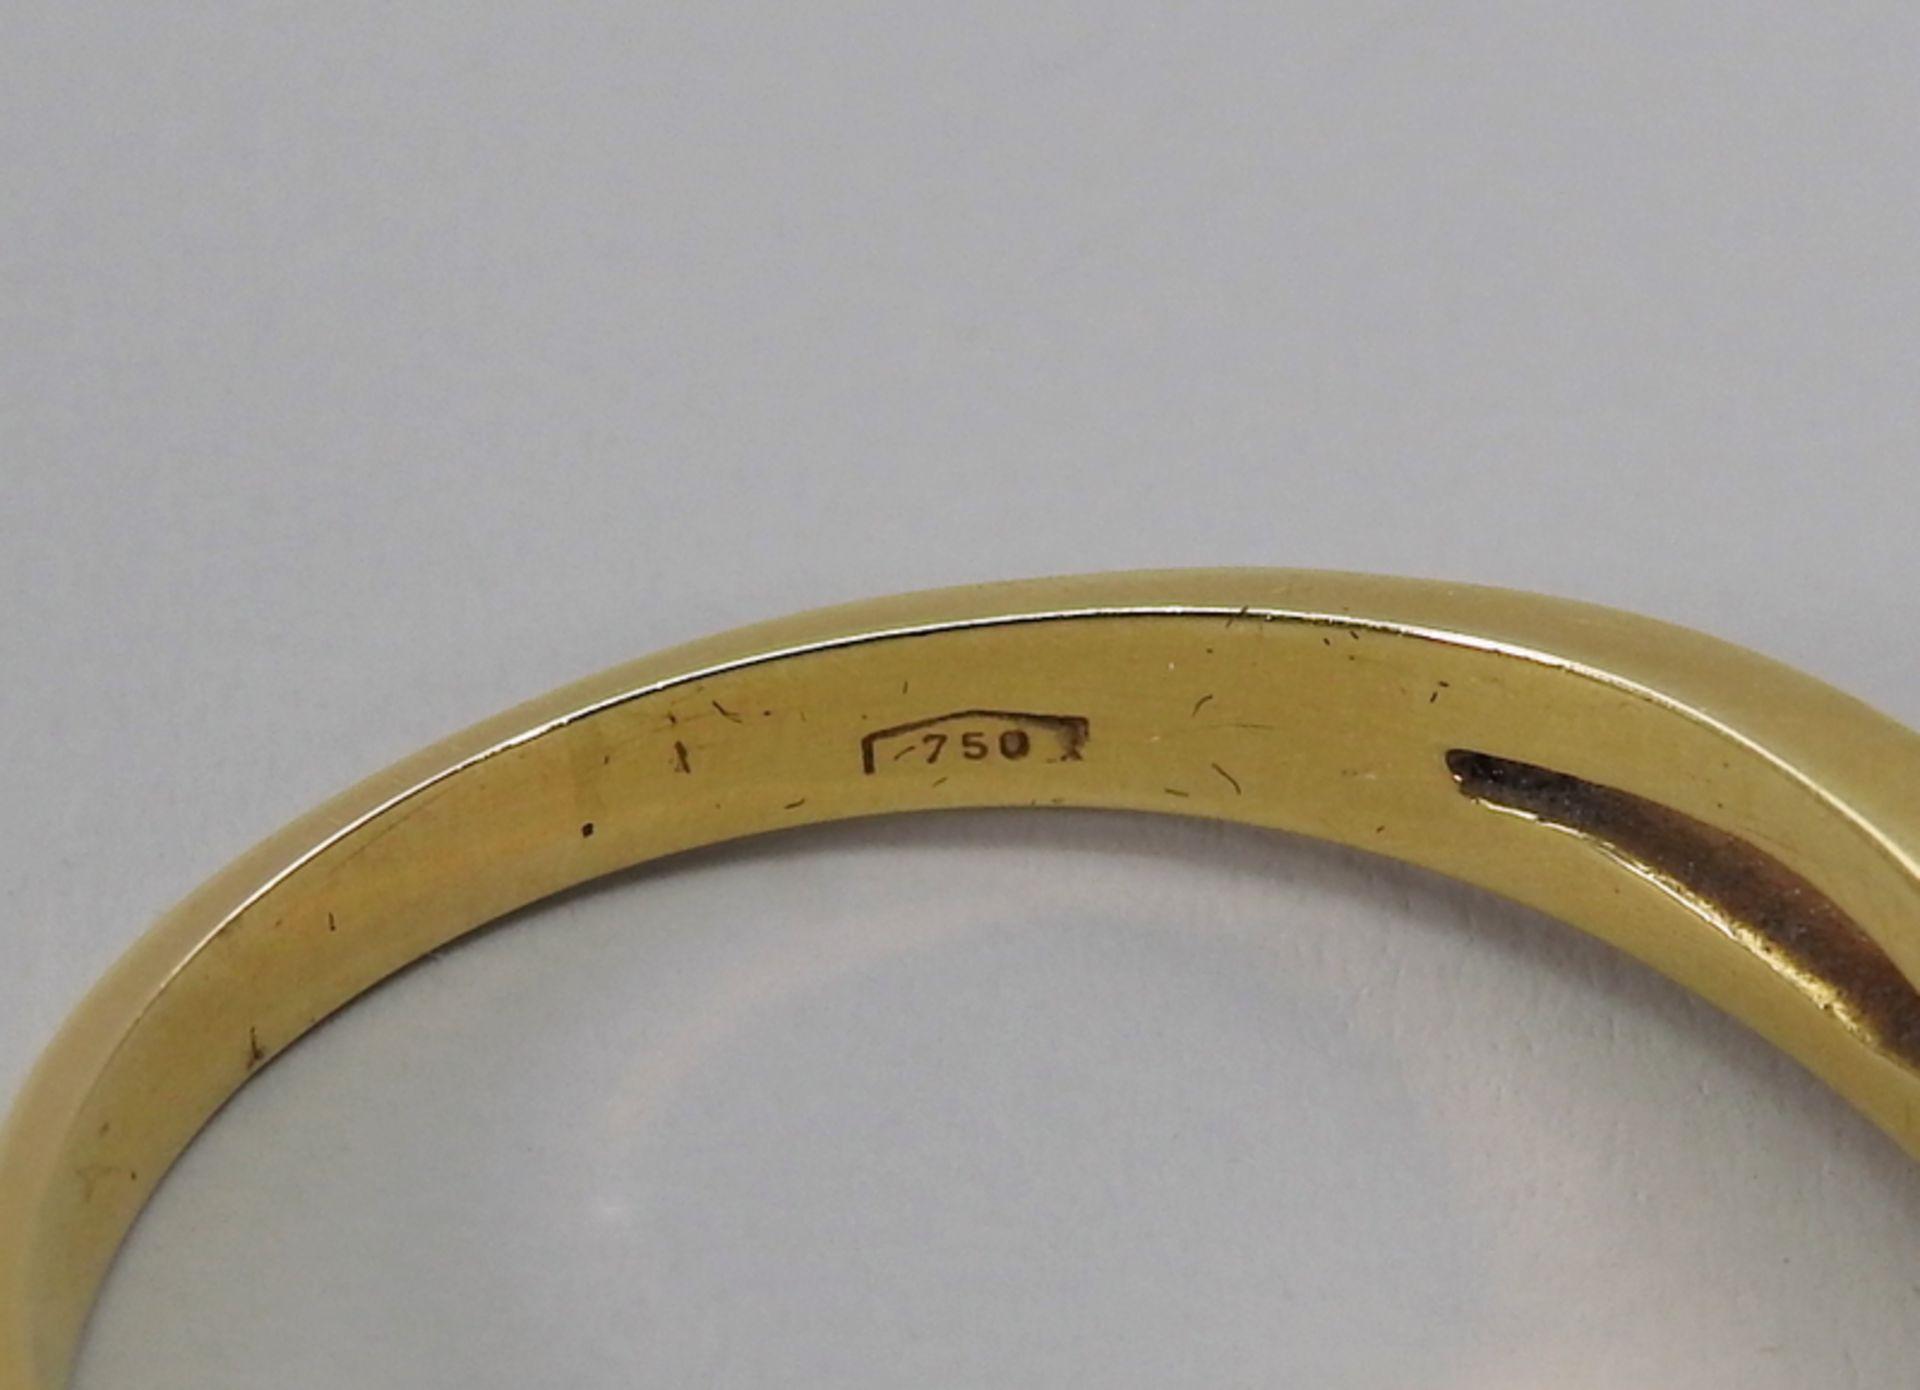 Schwerer Diamant-Ring18 K. Gelbgold. Herren-Ring mit zentralem Diamant-Besatz von ca. - Image 6 of 6